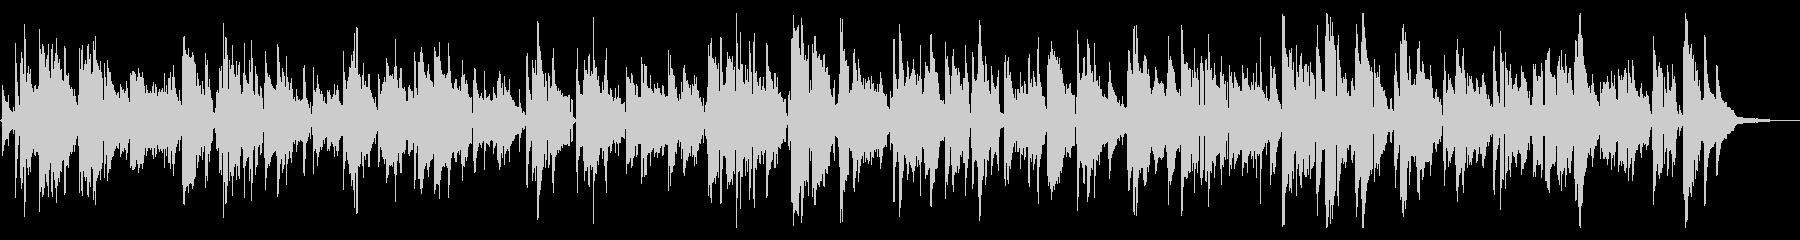 ムードのあるラウンジのサックスジャズの未再生の波形